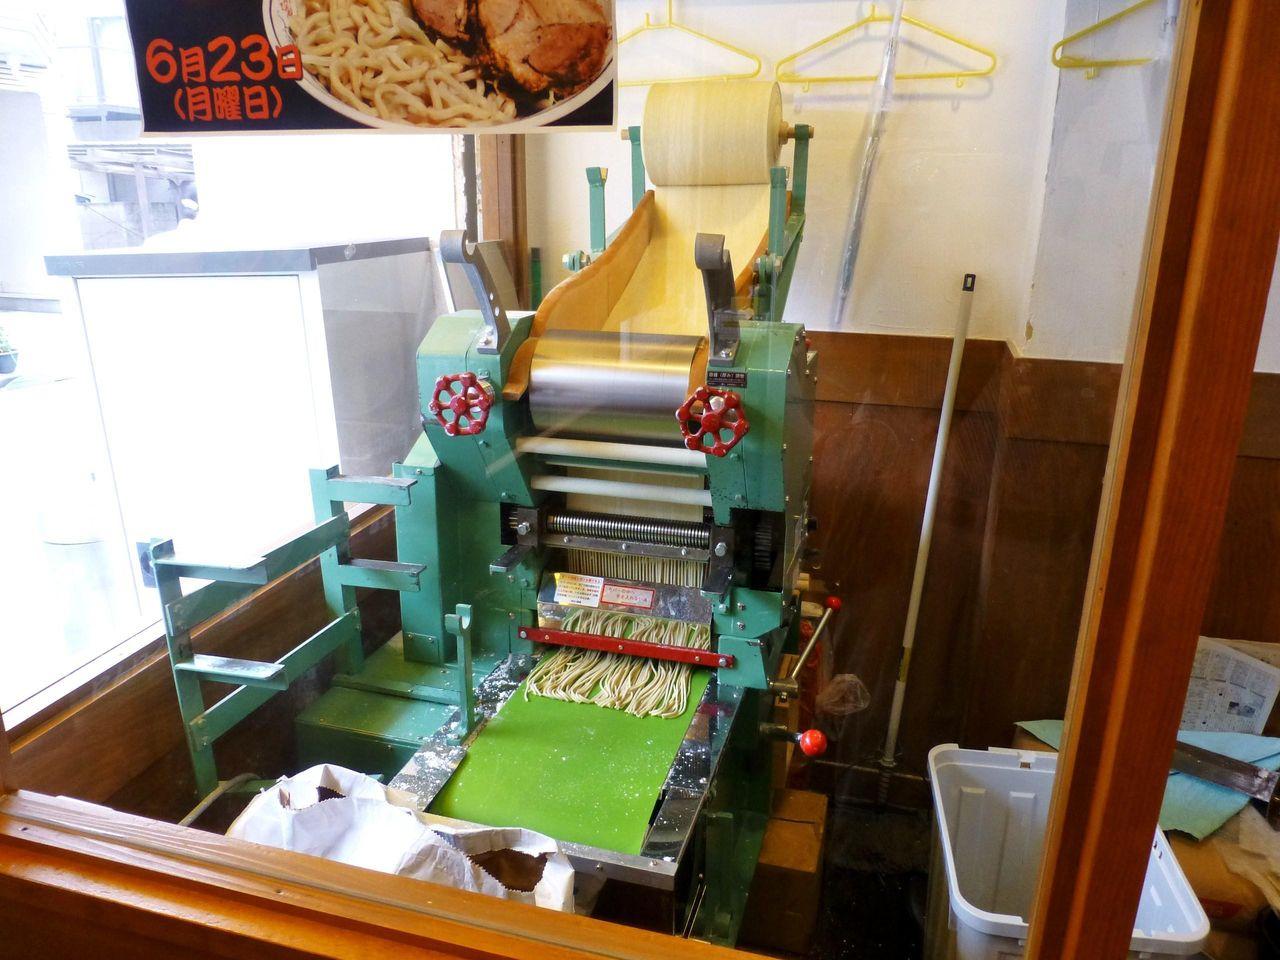 店の片隅に製麺機が設置してあり、自家製麺を提供しています!